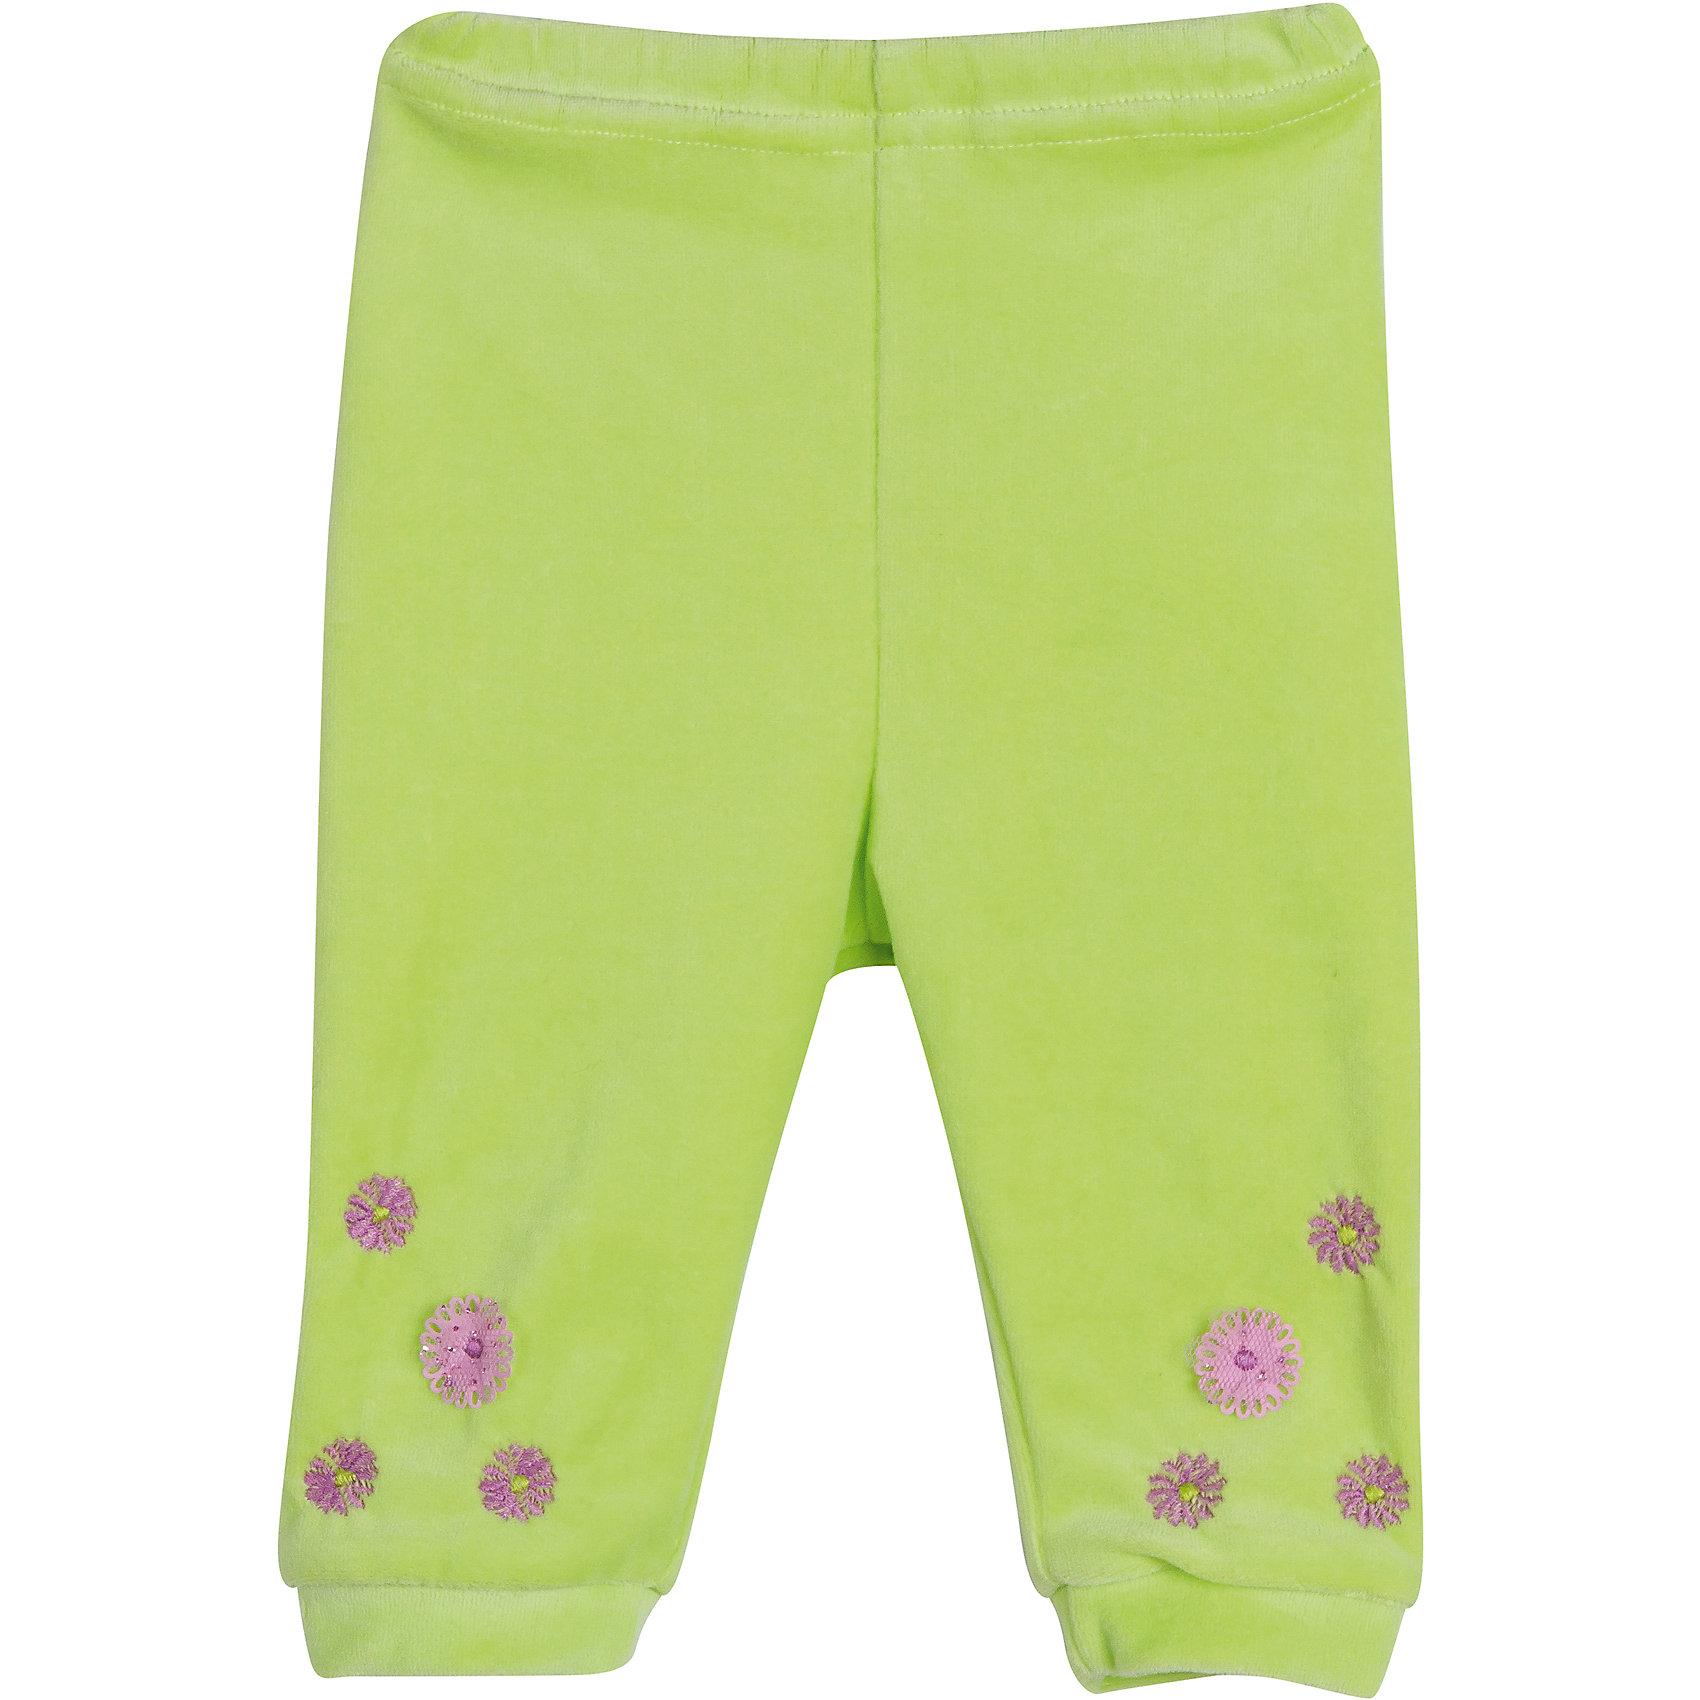 Брюки для девочки  для девочки БимошаПолзунки и штанишки<br>Брюки для девочки  для девочки от марки Бимоша.<br>Однотонные брюки без боковых швов для девочки выполнены из качественного материала (велюр). Модель дополнена  вышивкой,аппликацией. <br>Состав:<br>велюр 80% хлопок, 20% ПЭ.<br><br>Ширина мм: 157<br>Глубина мм: 13<br>Высота мм: 119<br>Вес г: 200<br>Цвет: зеленый<br>Возраст от месяцев: 1<br>Возраст до месяцев: 3<br>Пол: Женский<br>Возраст: Детский<br>Размер: 62,74,68,80,86<br>SKU: 4579521